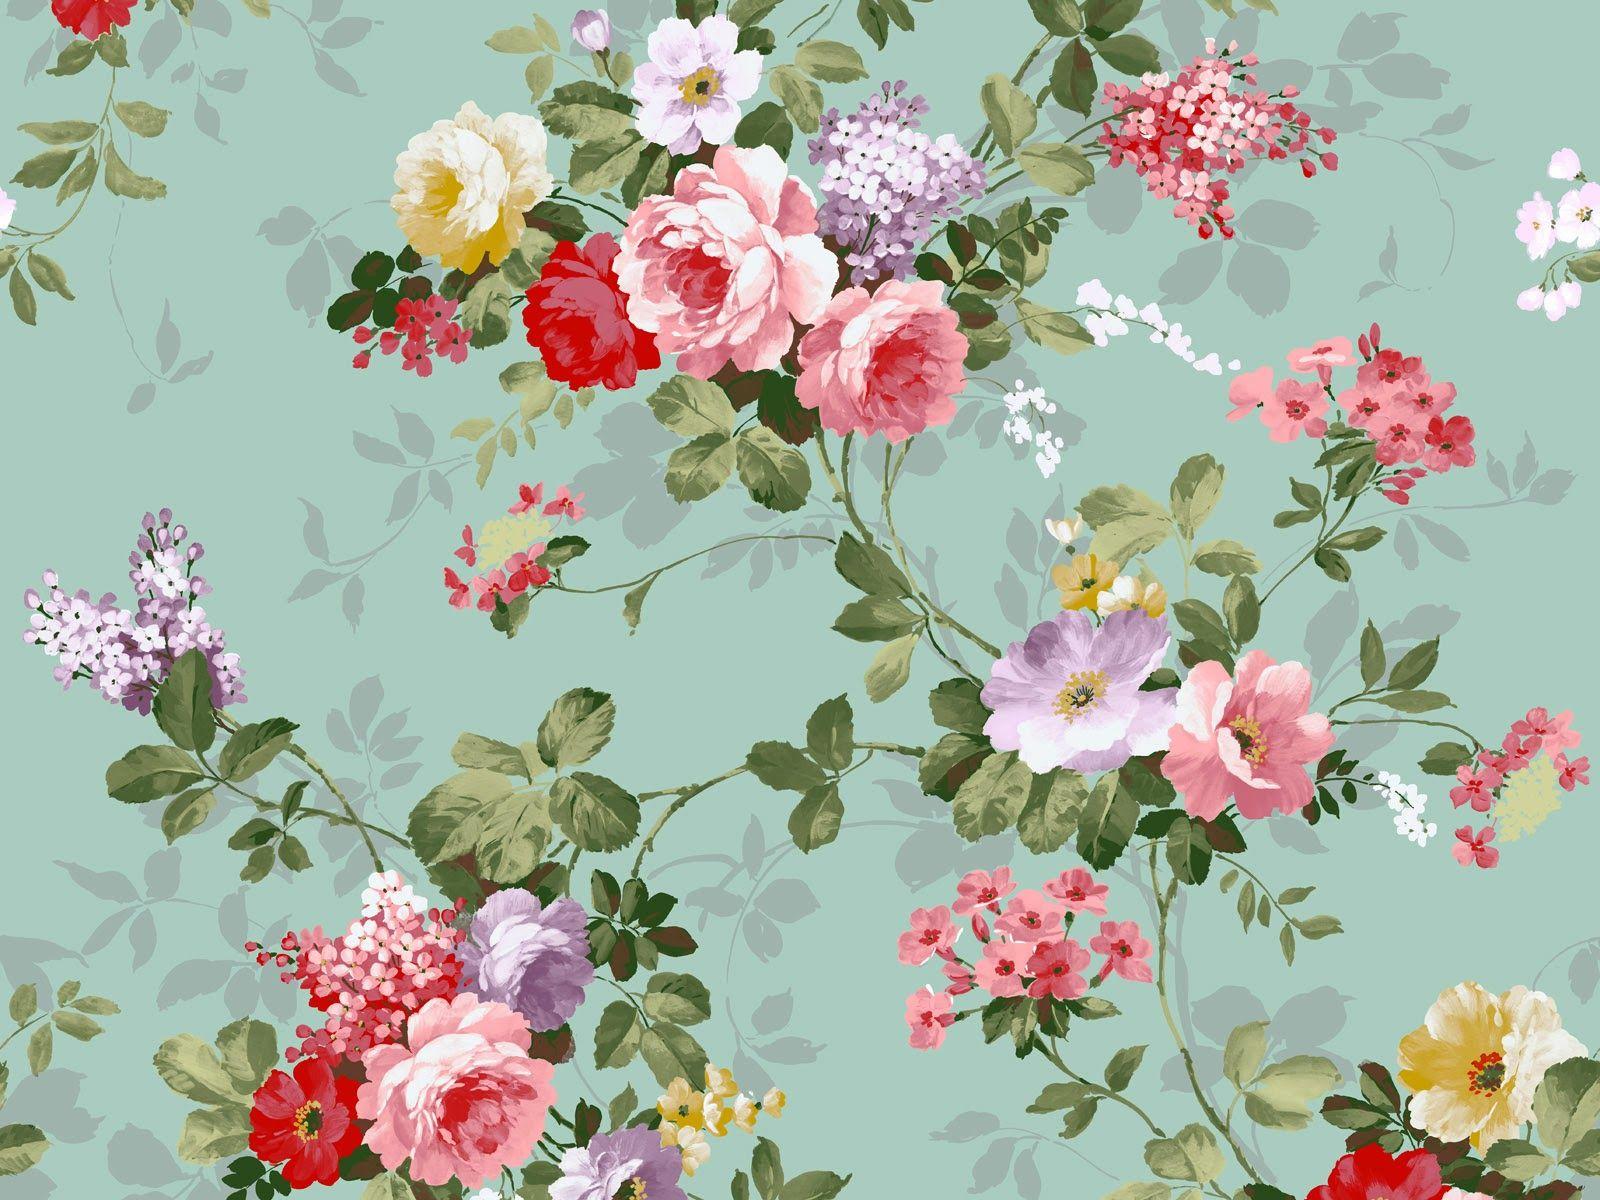 Vintage flowers wallpaper, Vintage floral